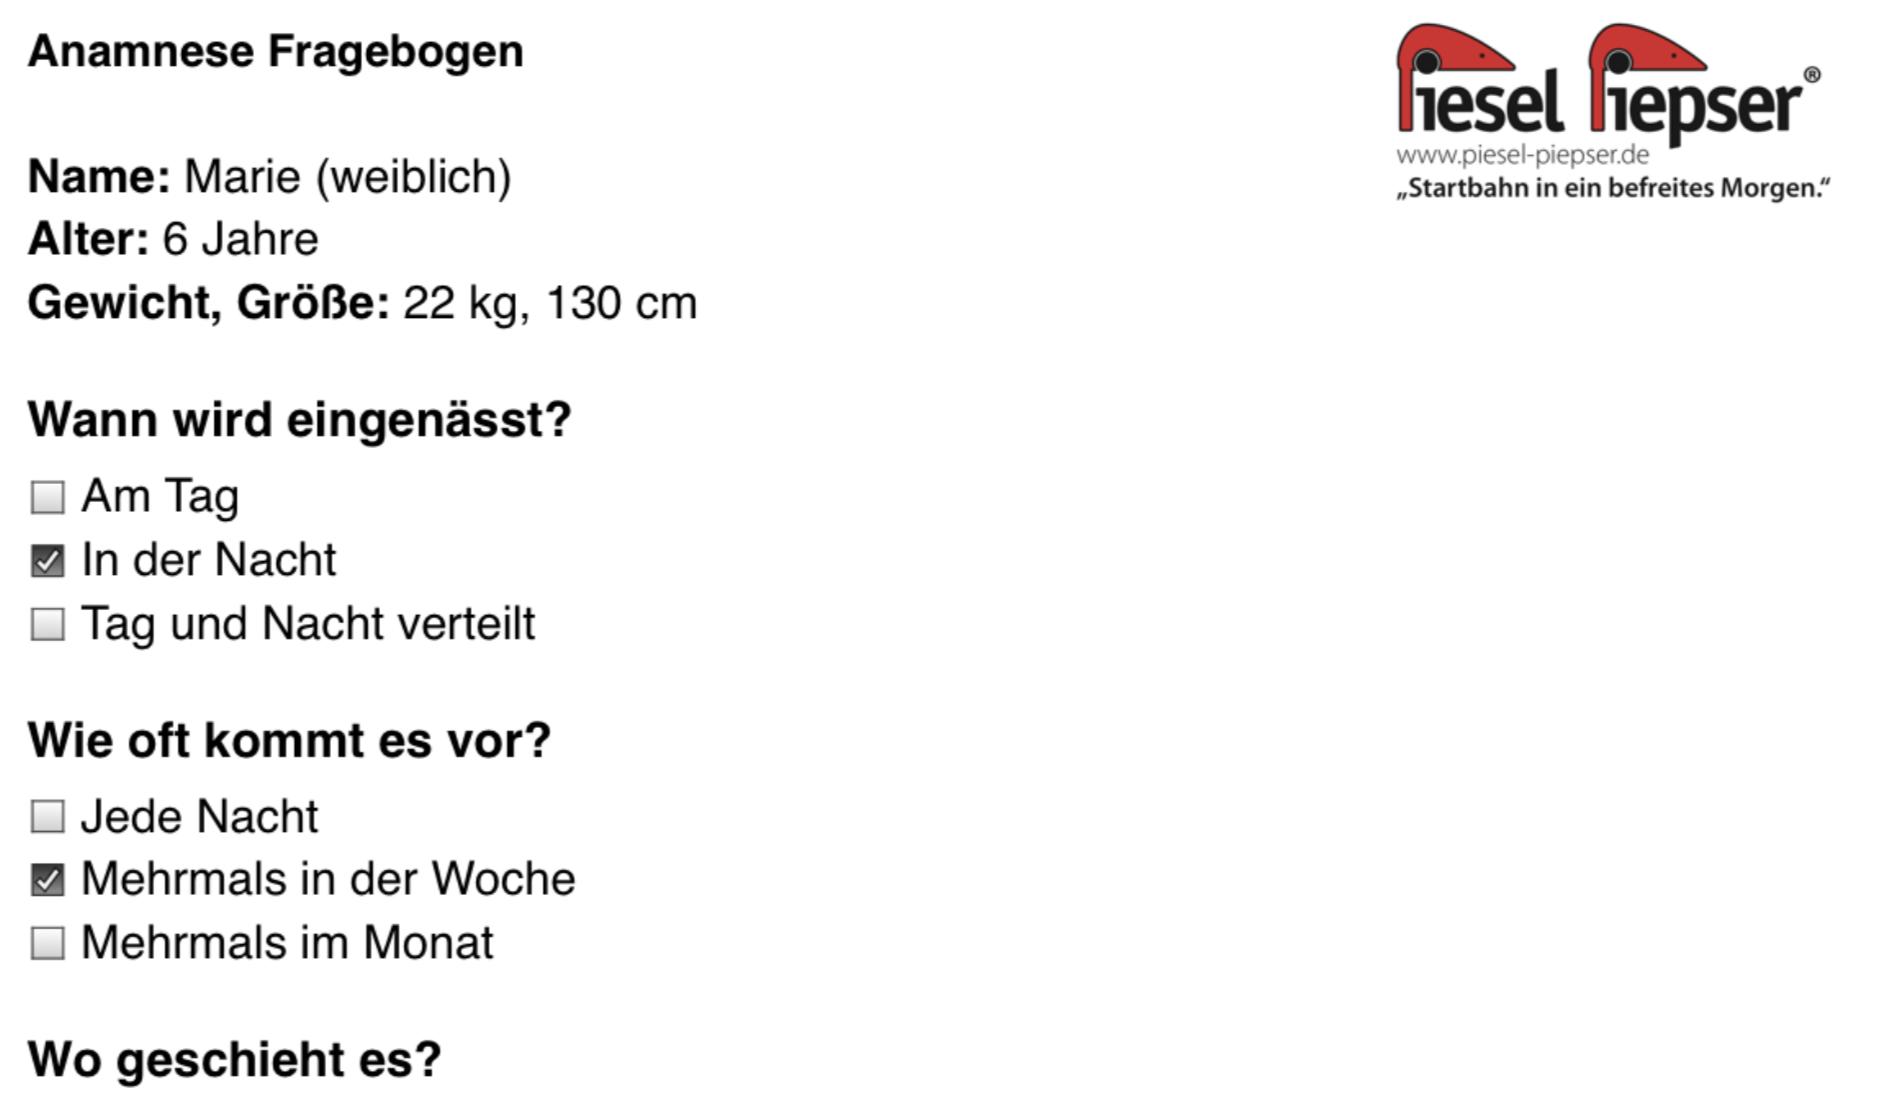 Der Screenshot zeigt einen Ausschnitt aus dem PDF-Export der Piesel Piepser App eines ausgefüllten Anamnese Fragebogens